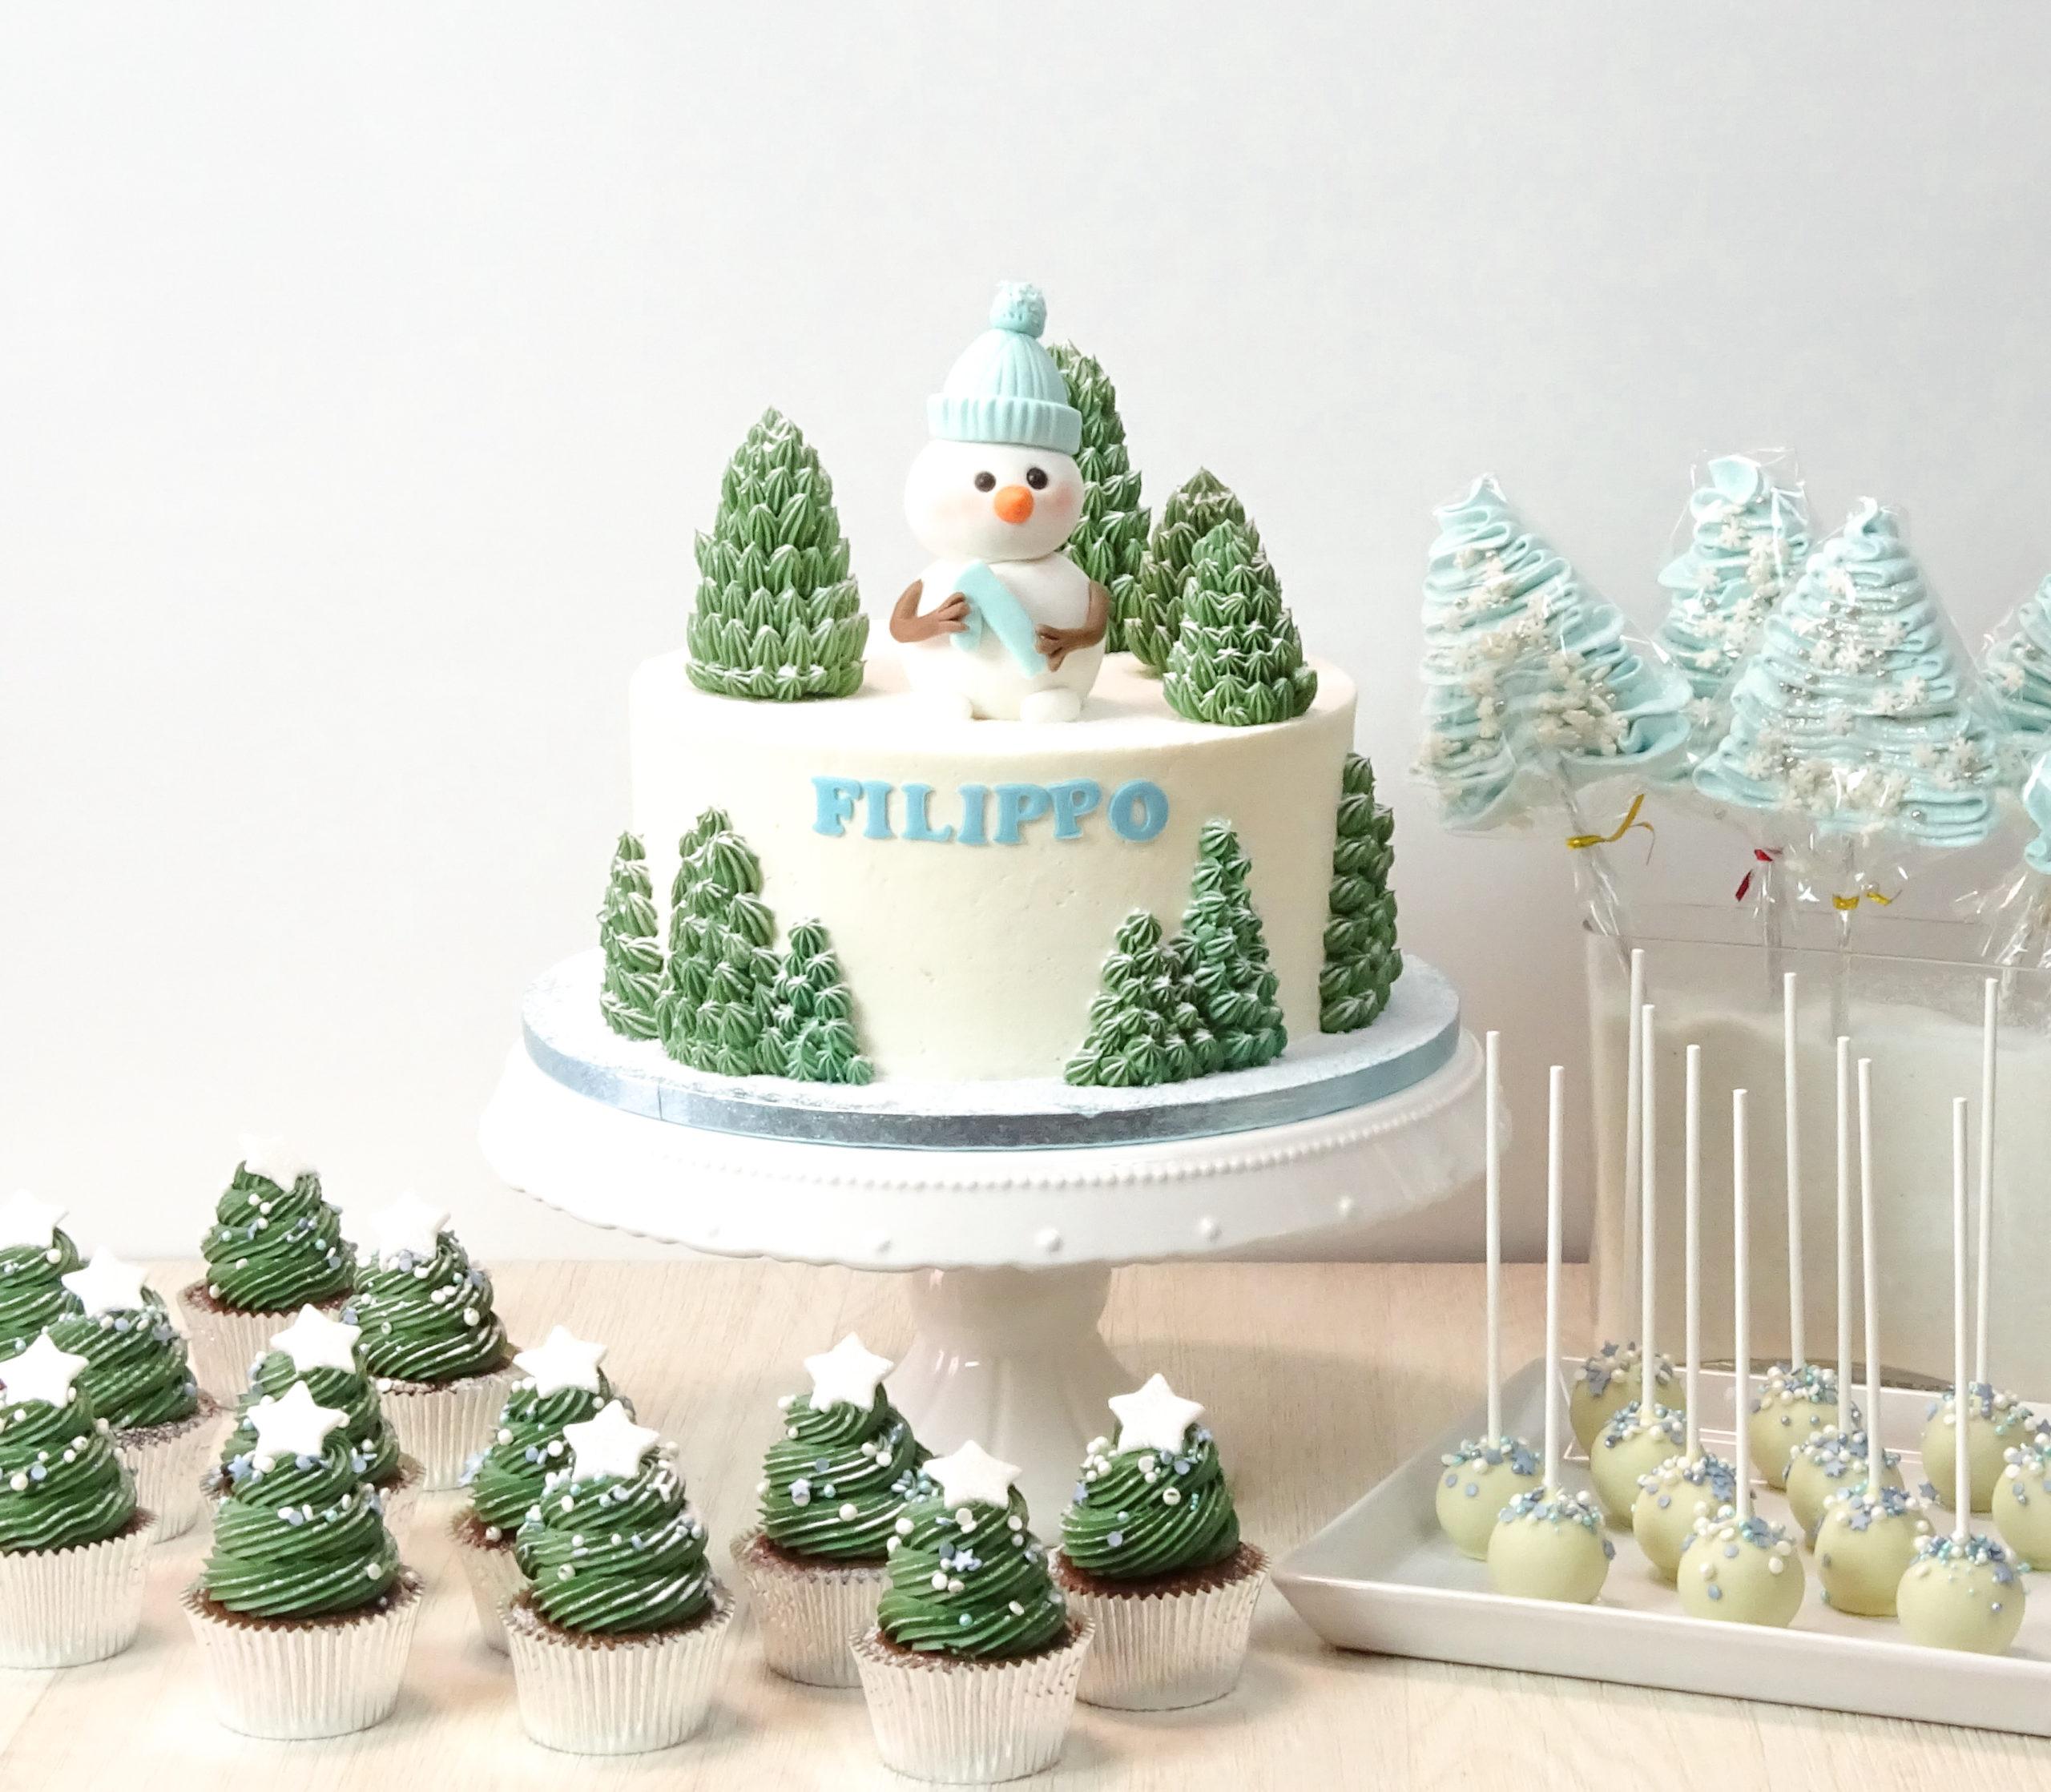 torta baby shower inverno pupazzo neve cupake abeti natale cake pop meringhe